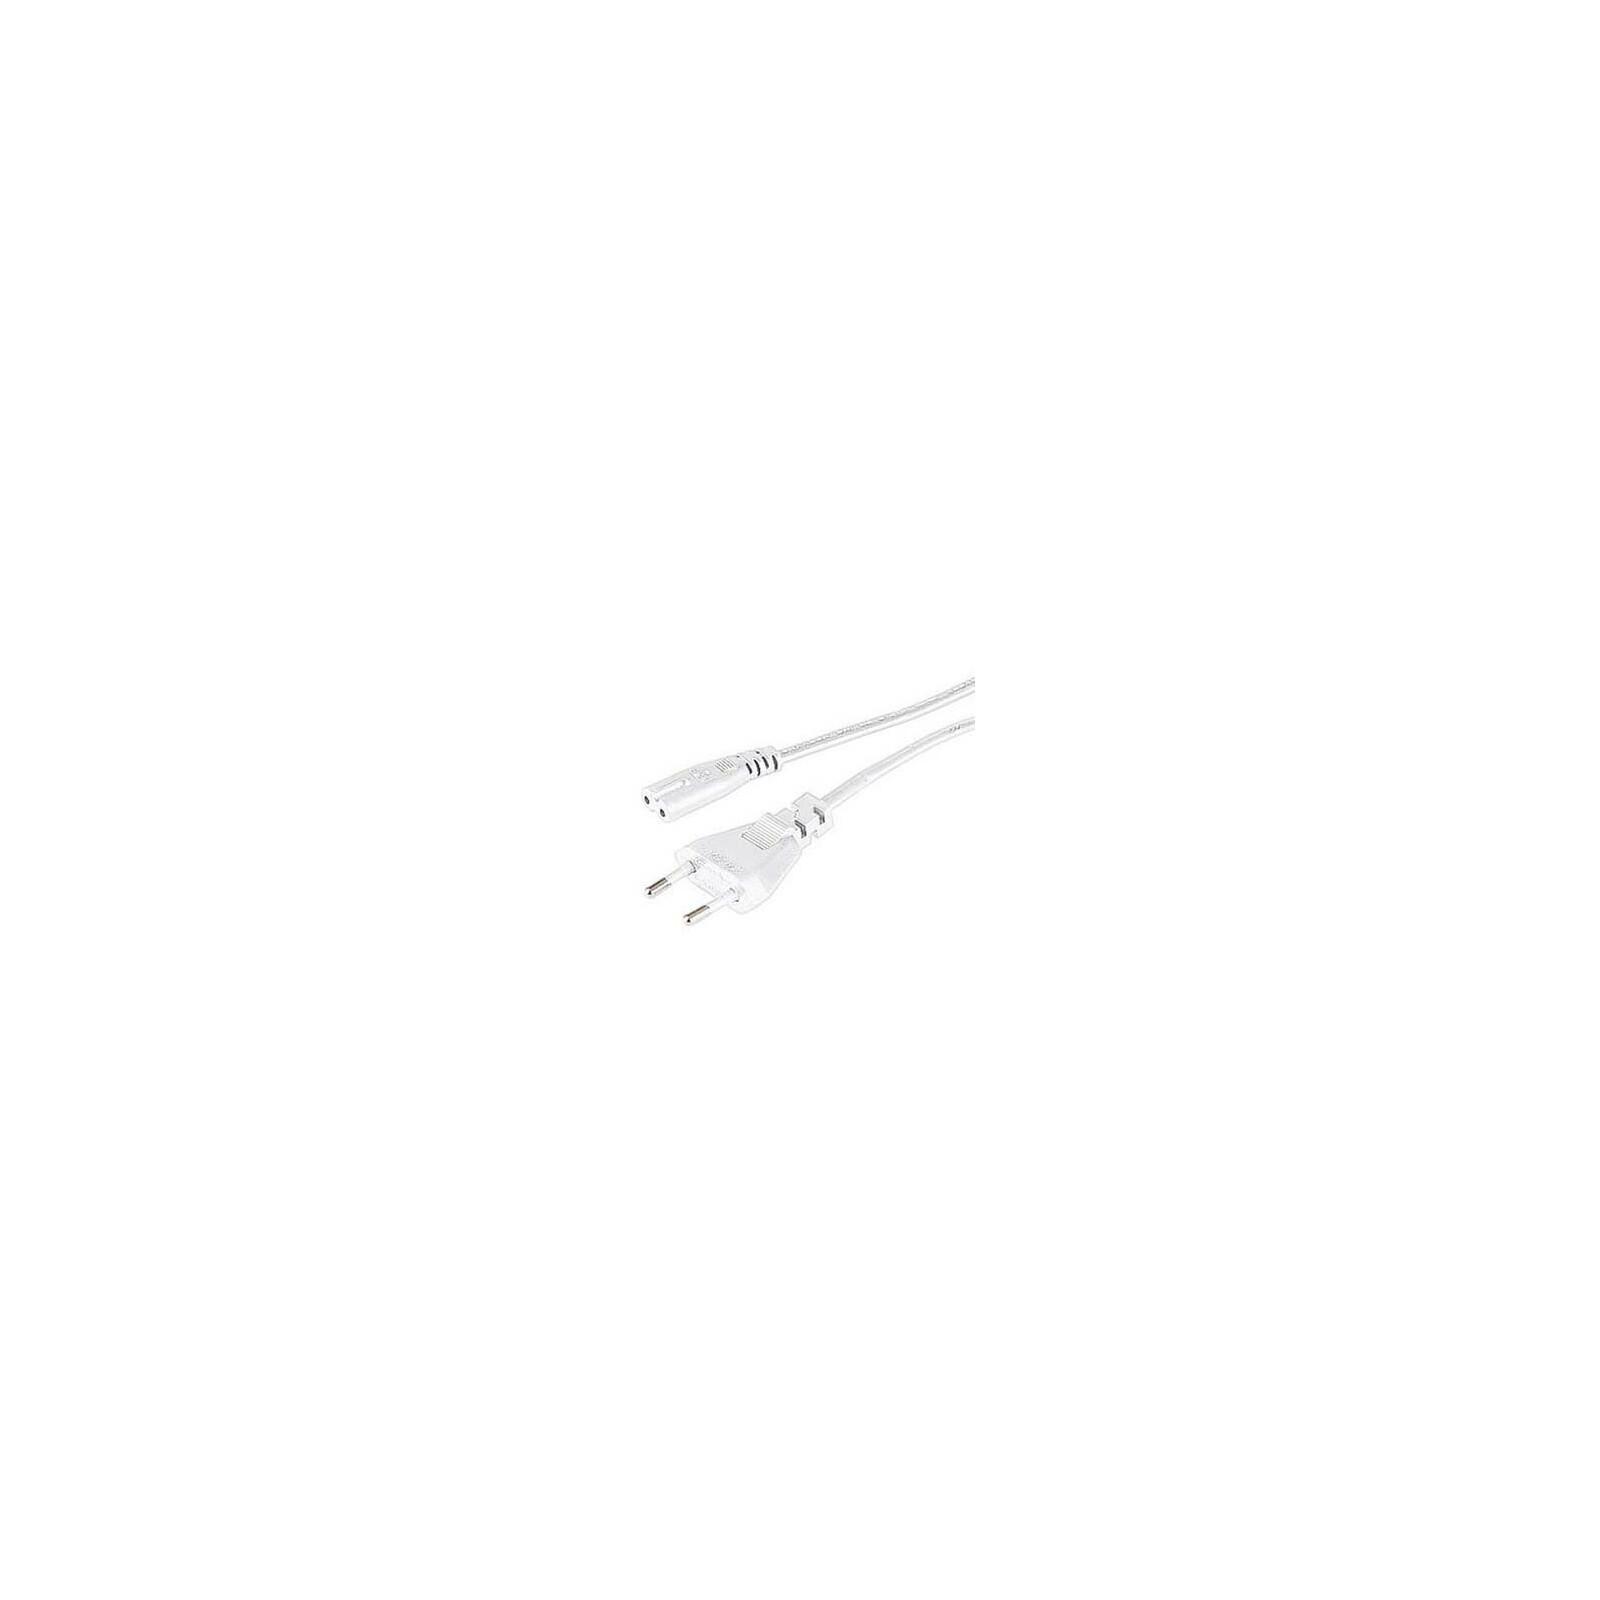 Hama 44217 Netzkabel, 1,5 m, Weiß